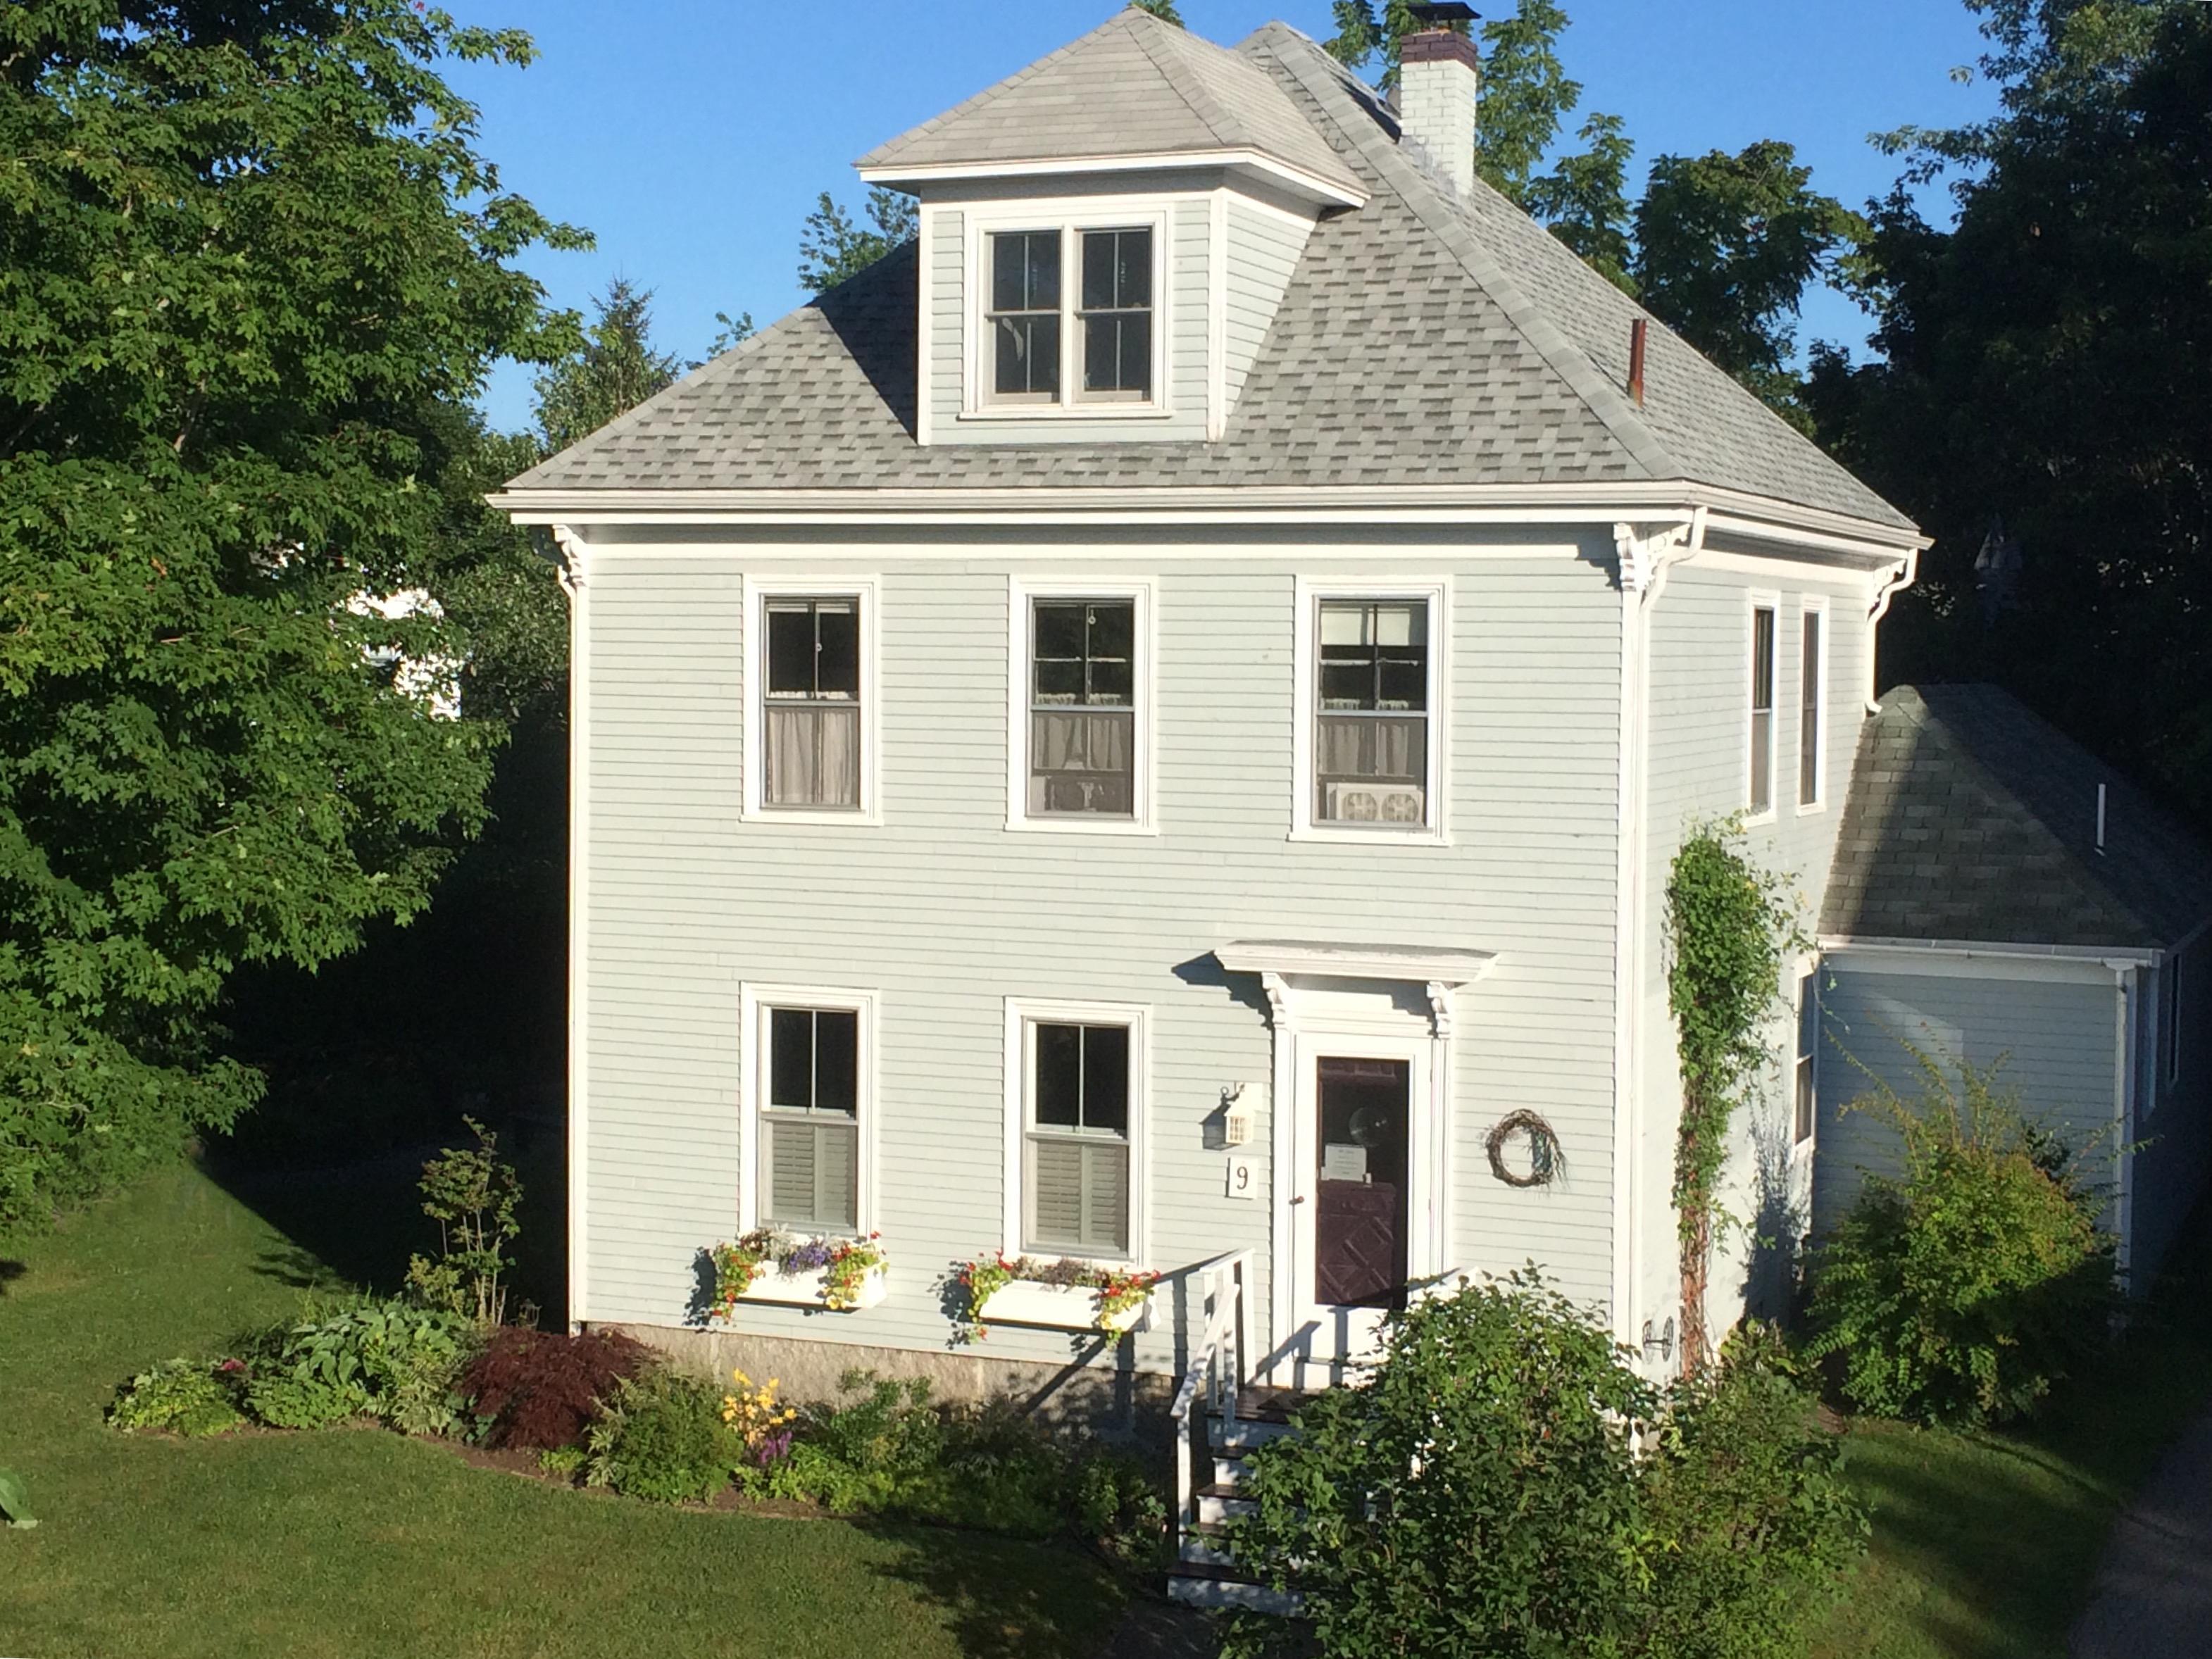 Tek Ailelik Ev için Satış at Alden Street 9 Alden Street Camden, Maine 04843 Amerika Birleşik Devletleri